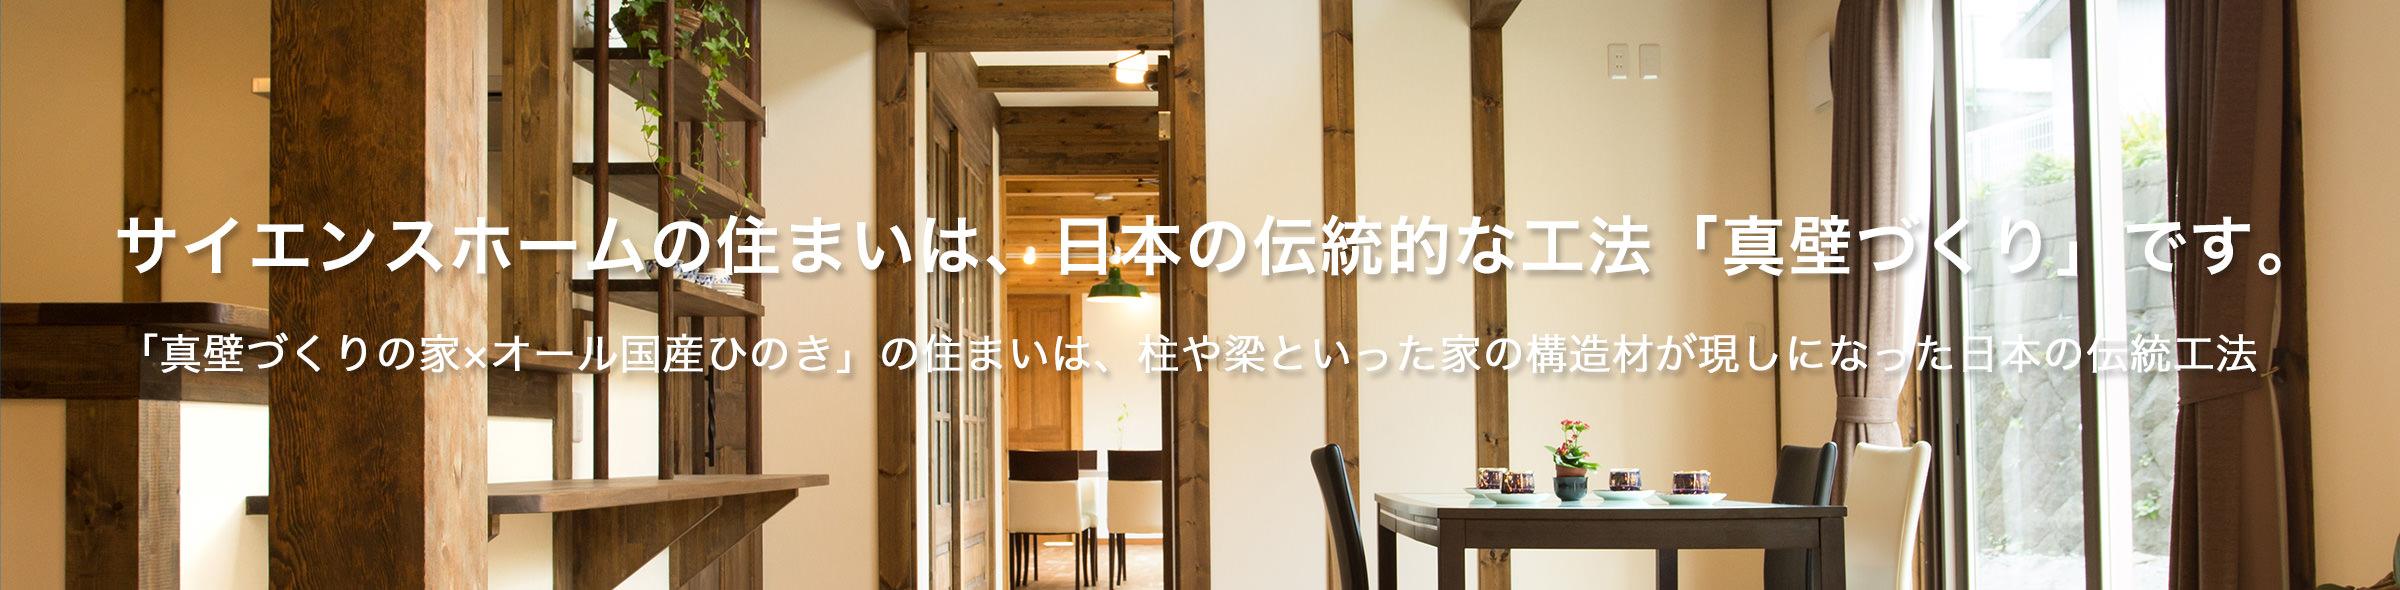 日本の伝統的な工法「真壁づくり」